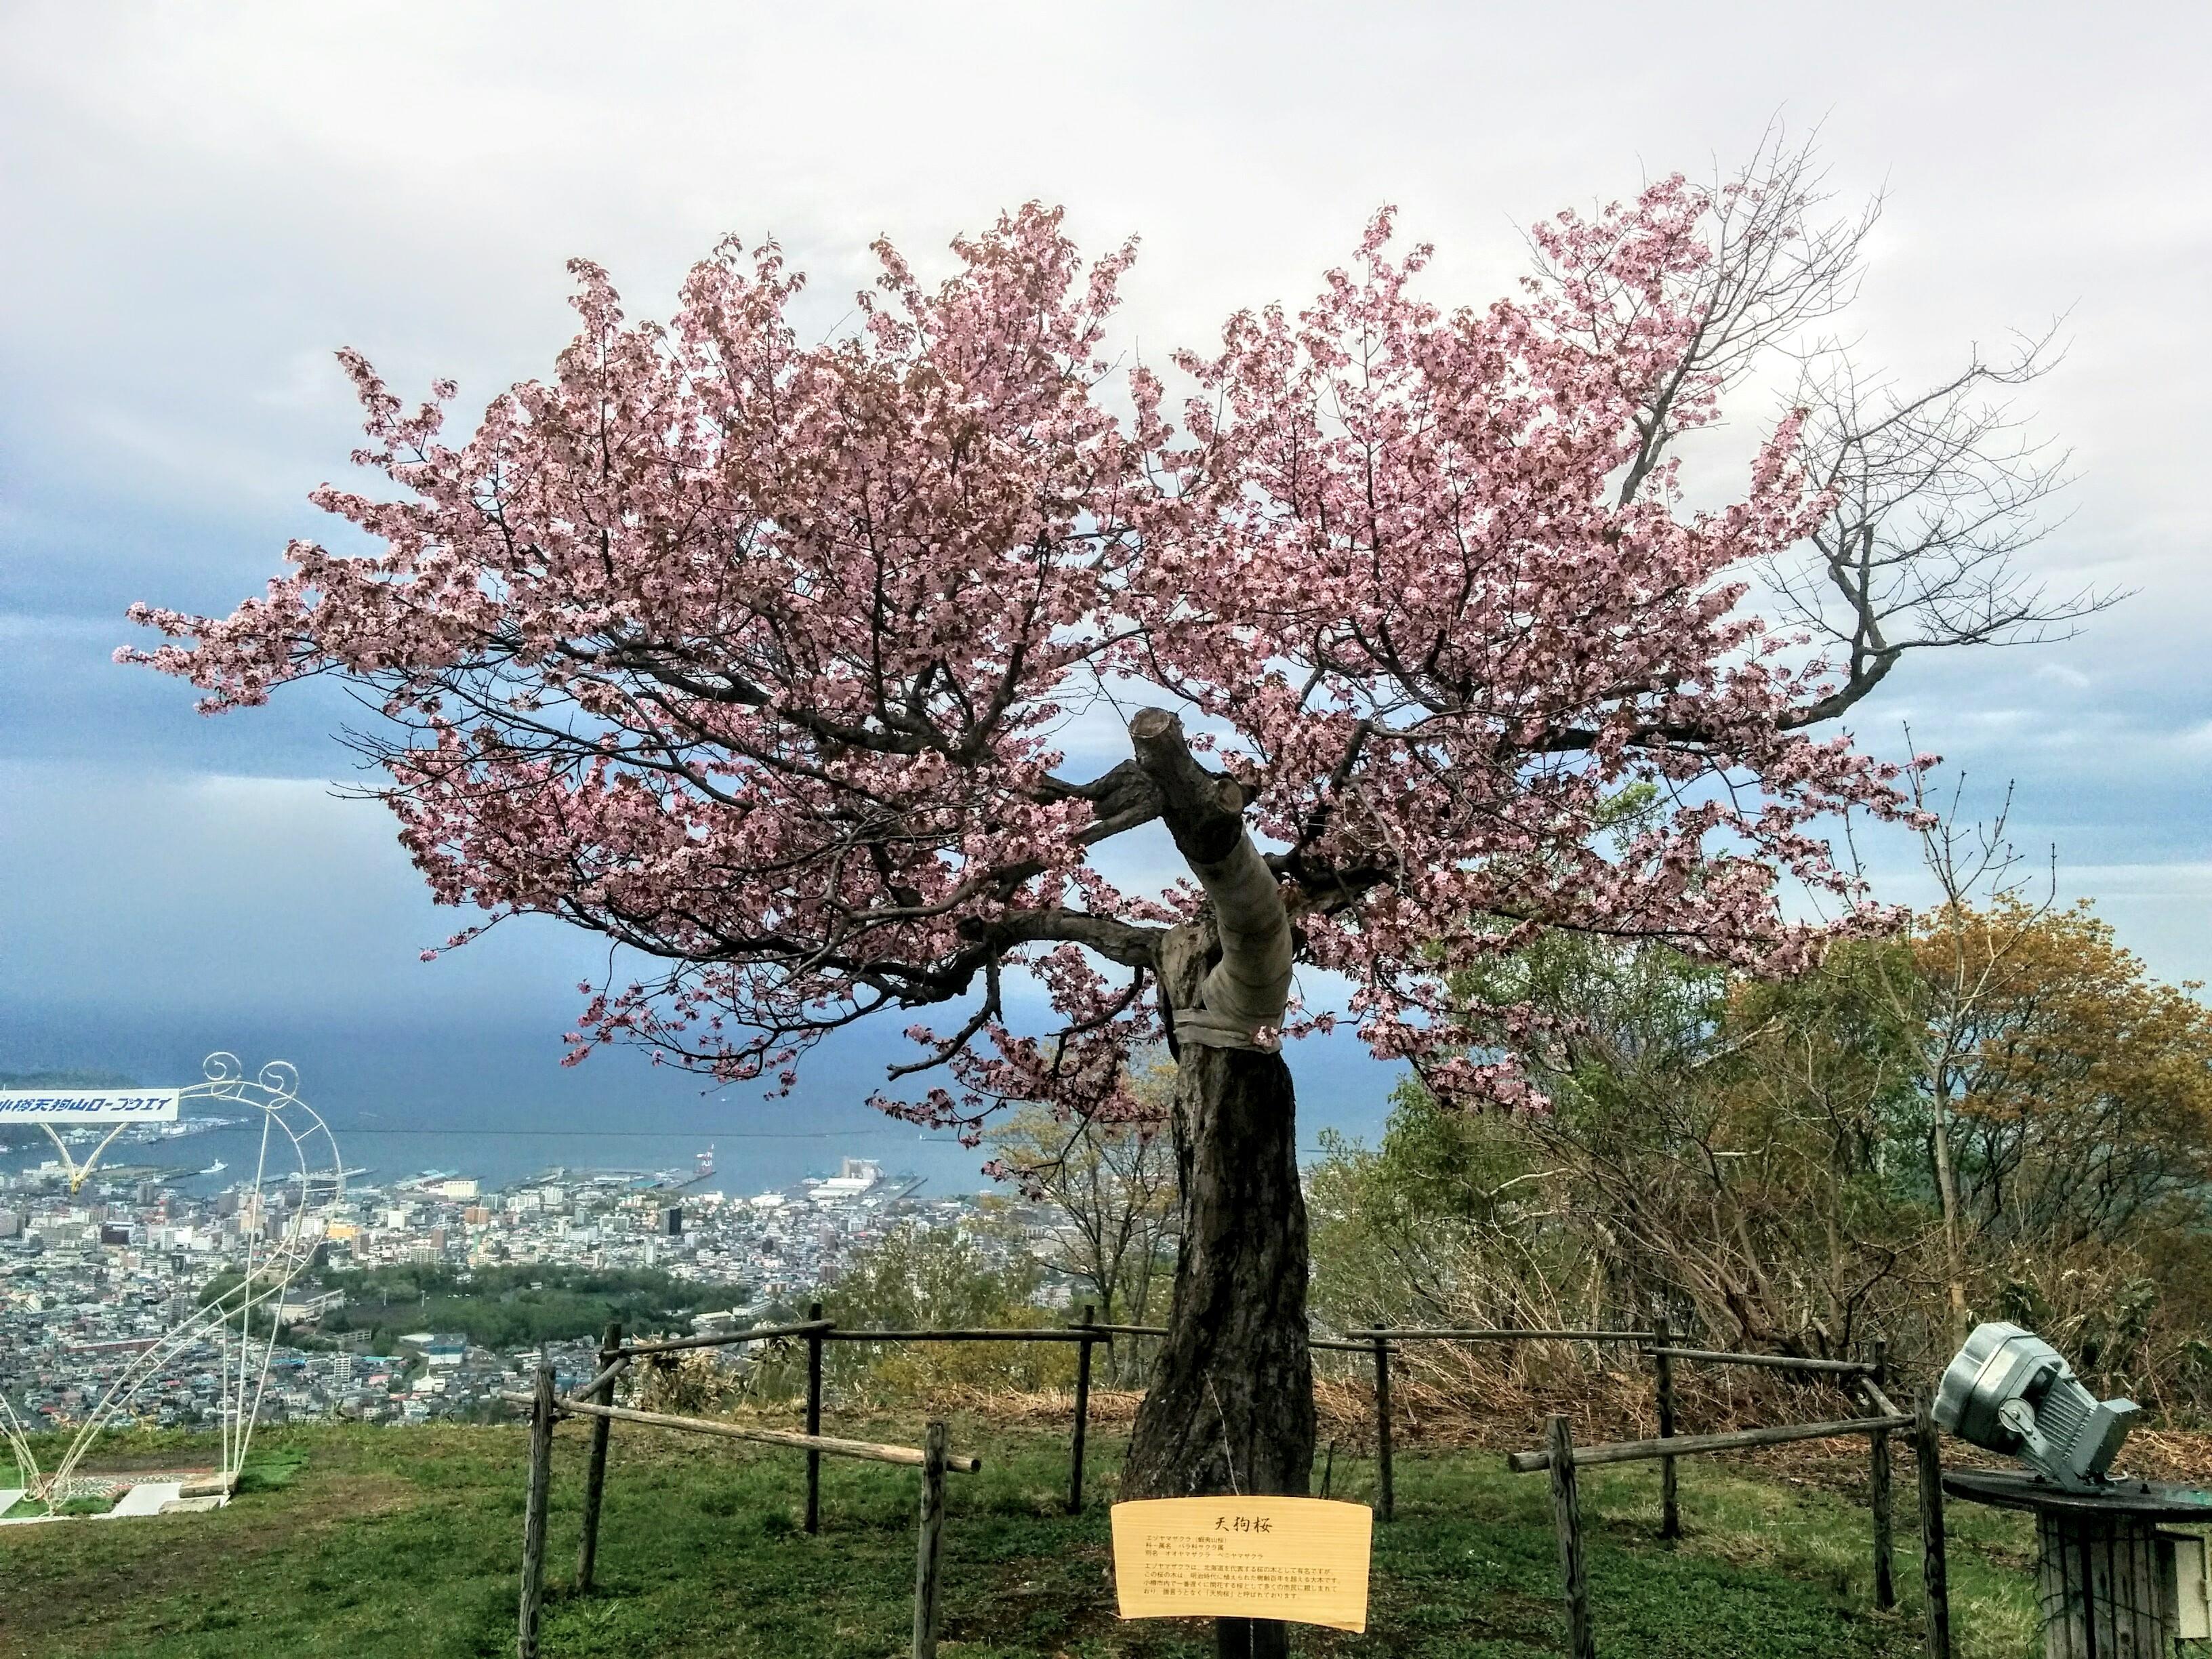 【小樽観光タクシー】天狗山・天狗桜が開花し見頃です。